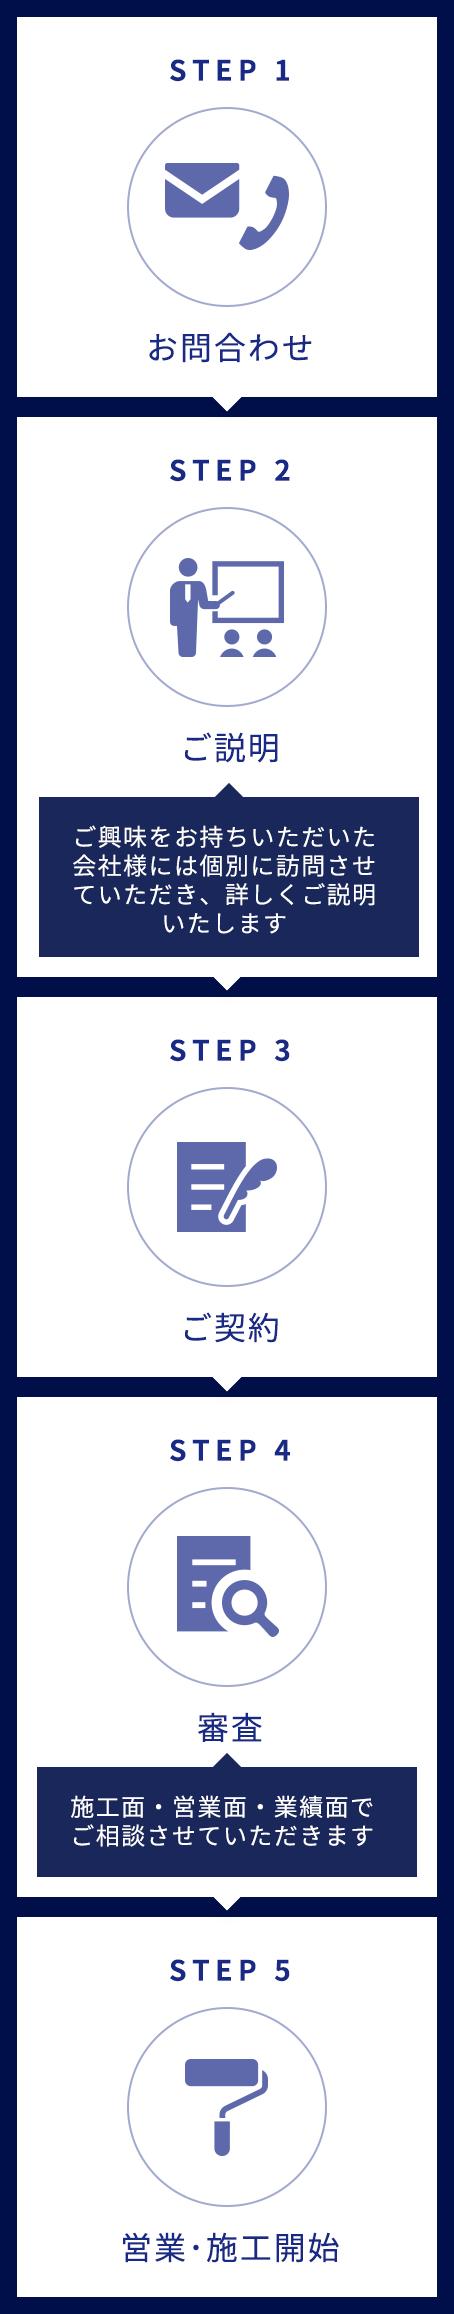 1.お問合わせ→2.ご説明→3.ご契約→4.審査→5.営業・施工開始